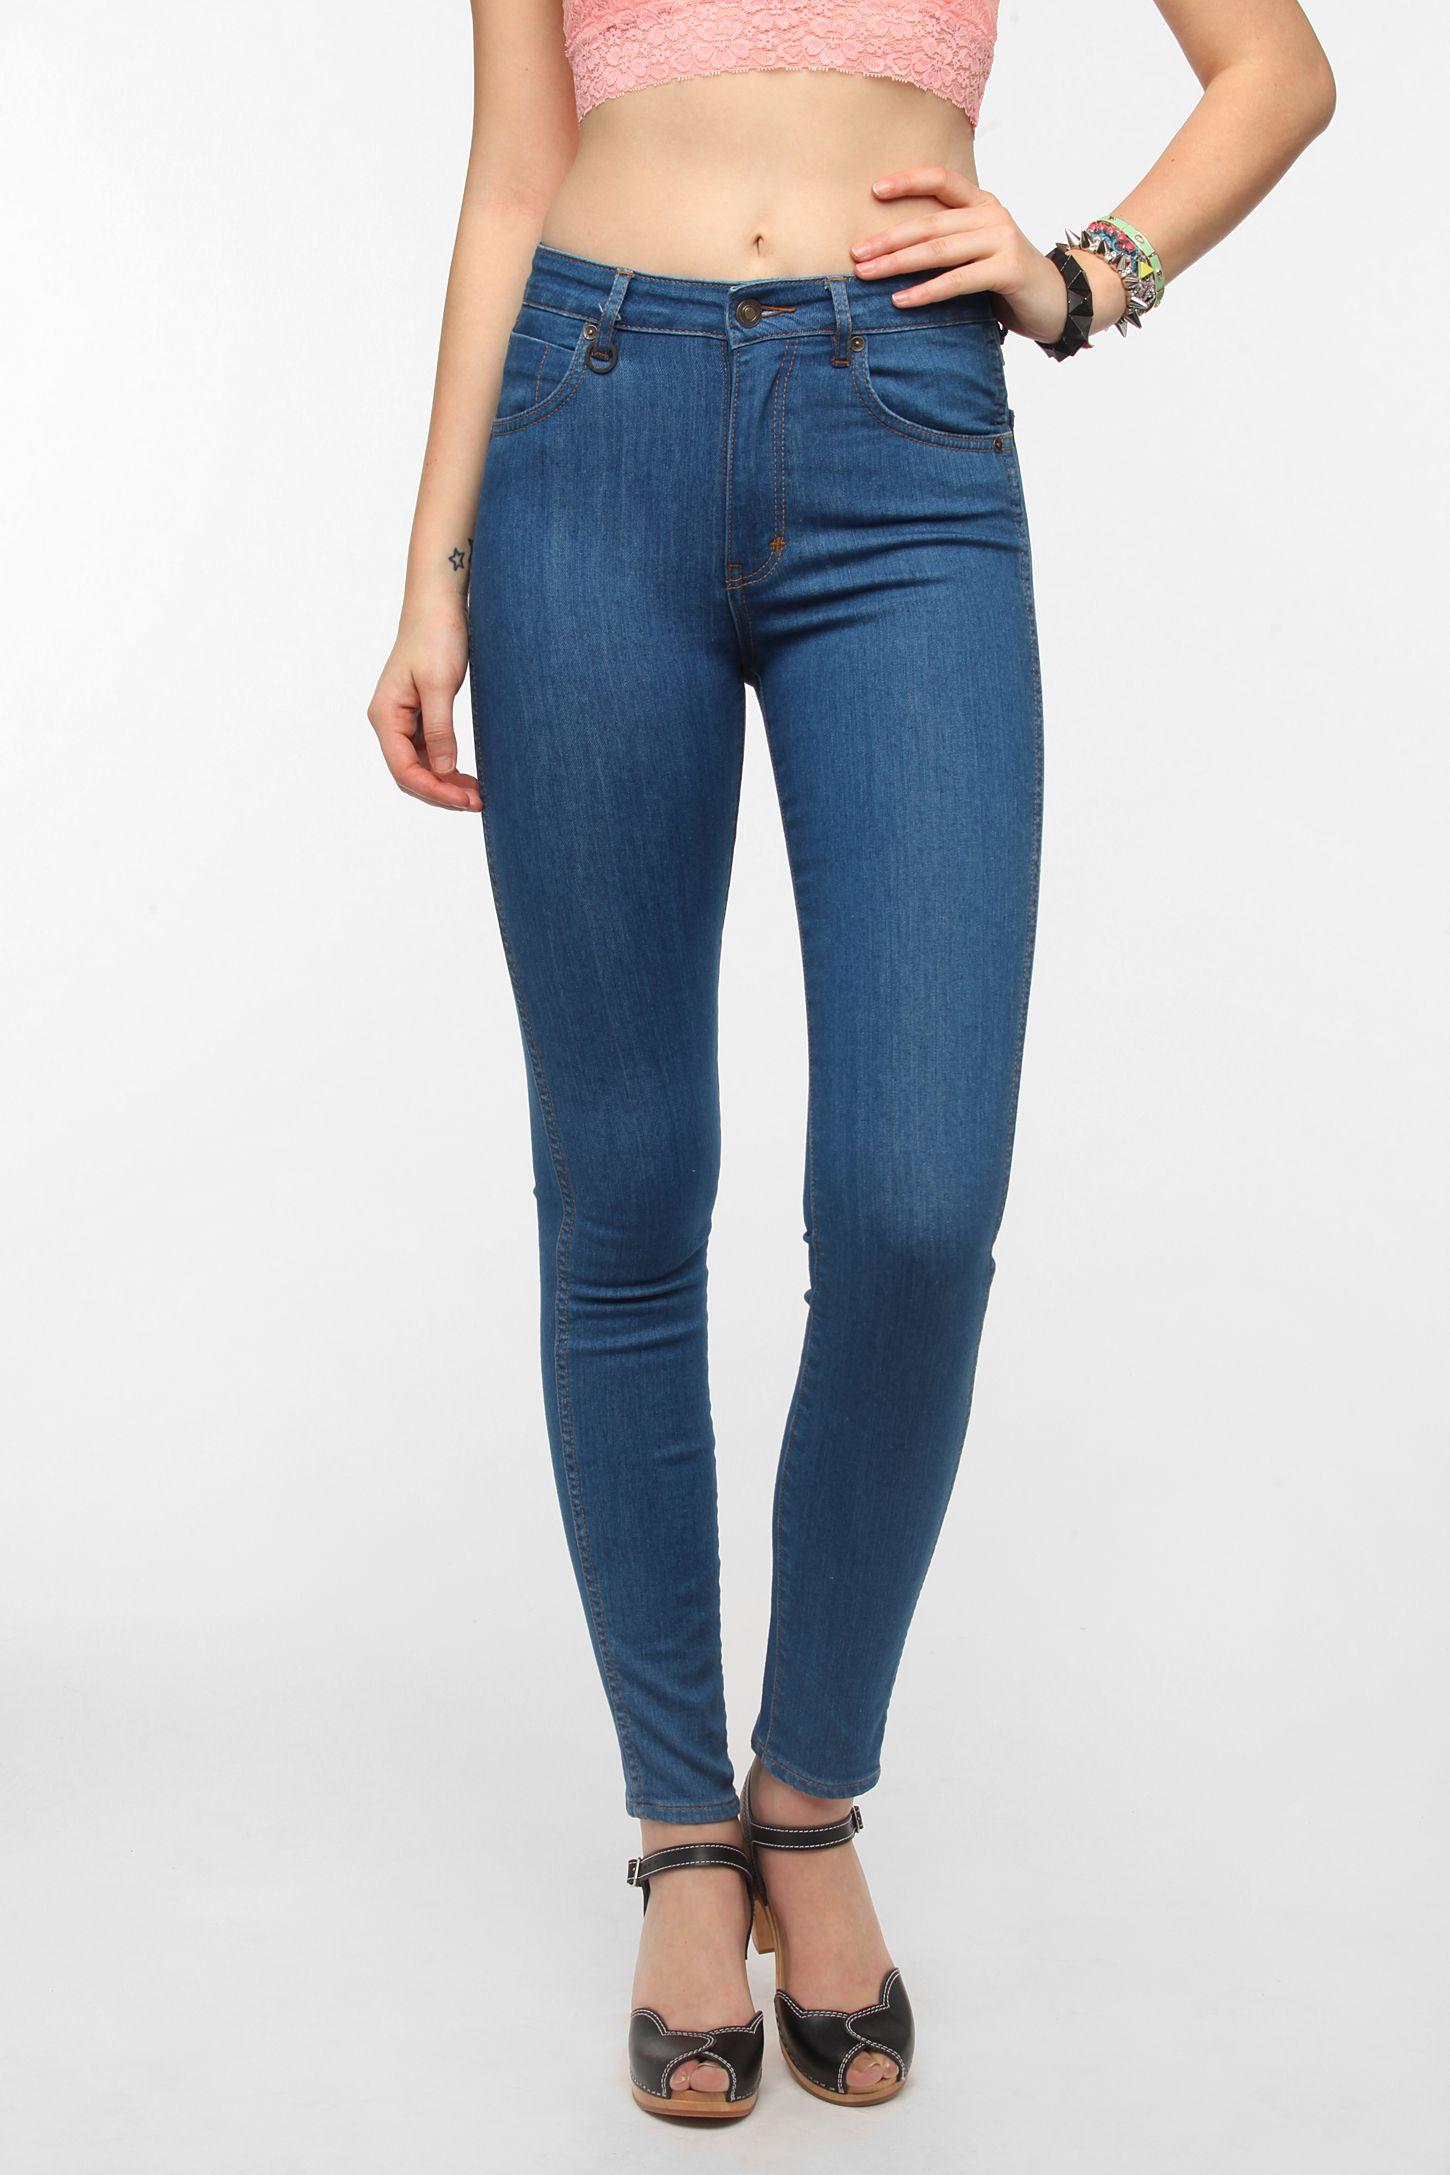 6a504b4f130 Neuw Marilyn High-Rise Skinny Jean - Silk Blue